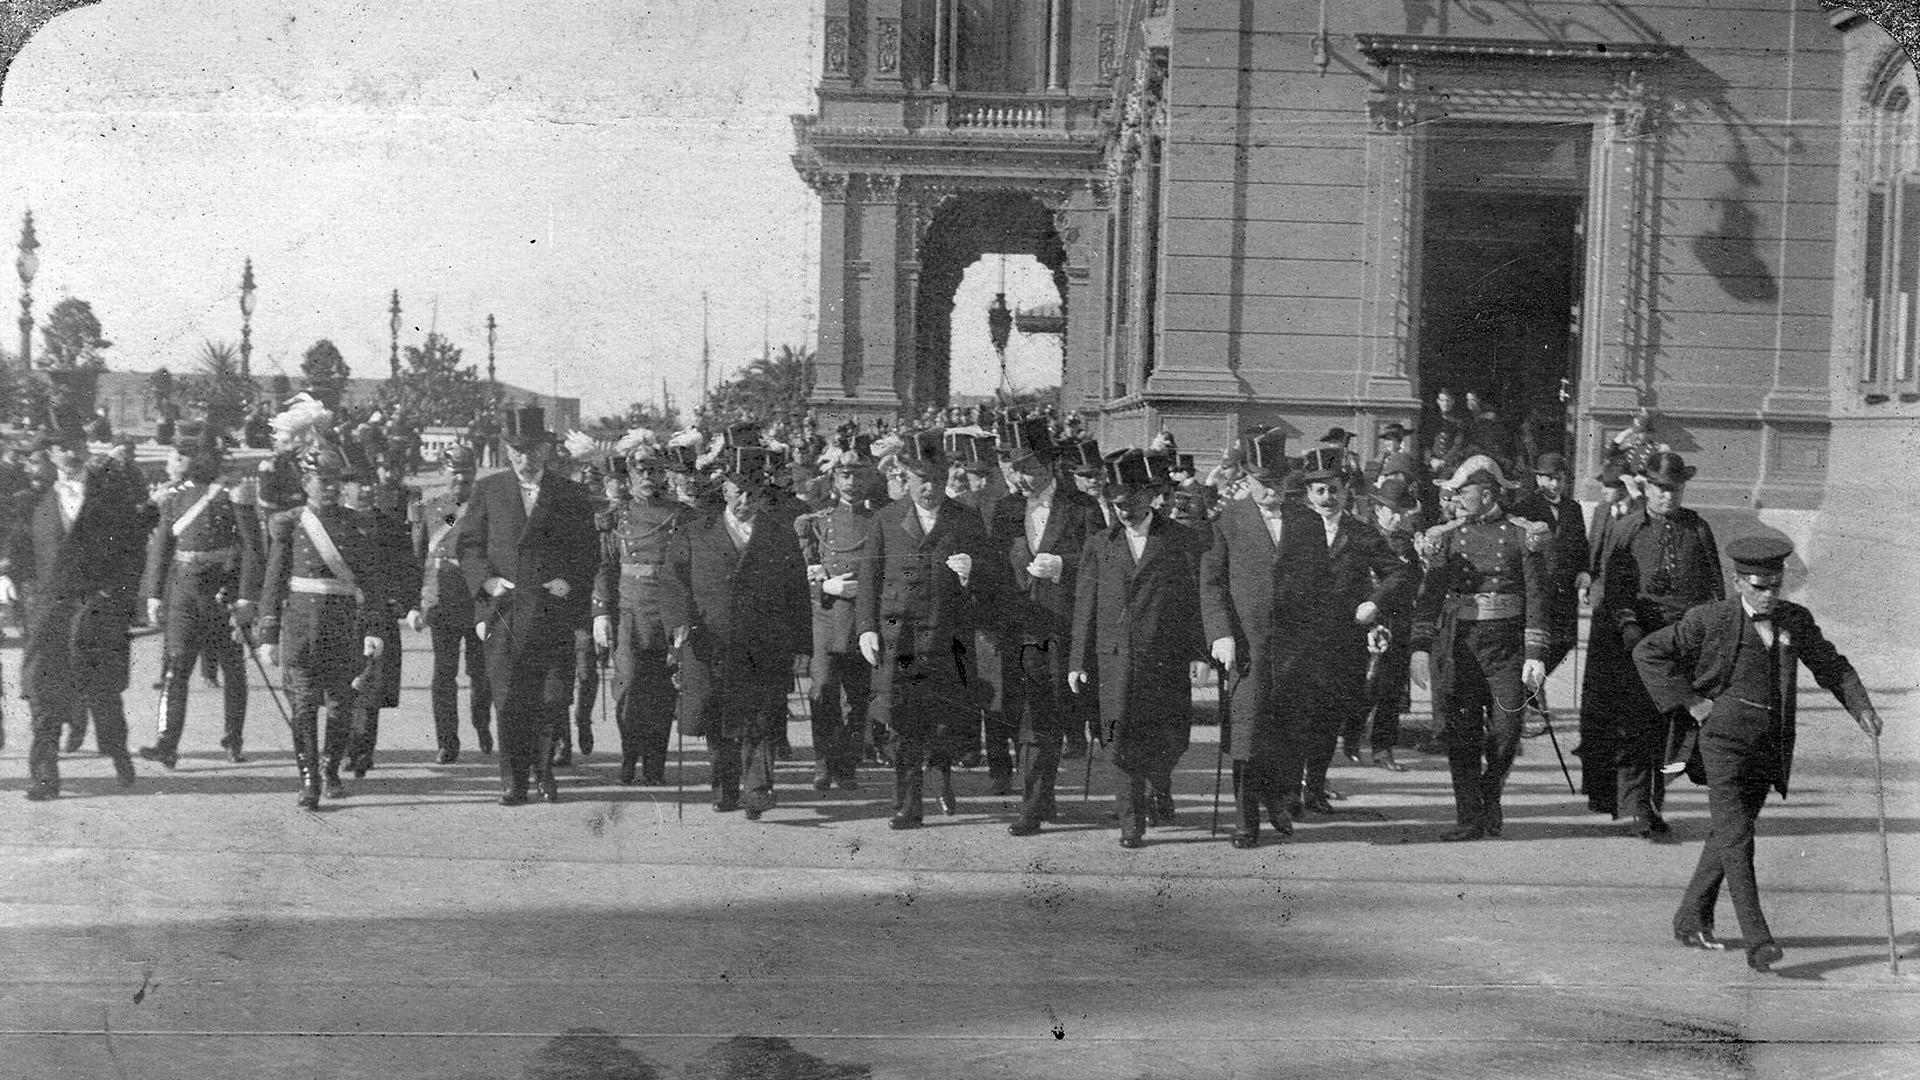 De la Plazaytoda la Comitiva Oficial regresa del Tedeum oficiado en la Catedral.